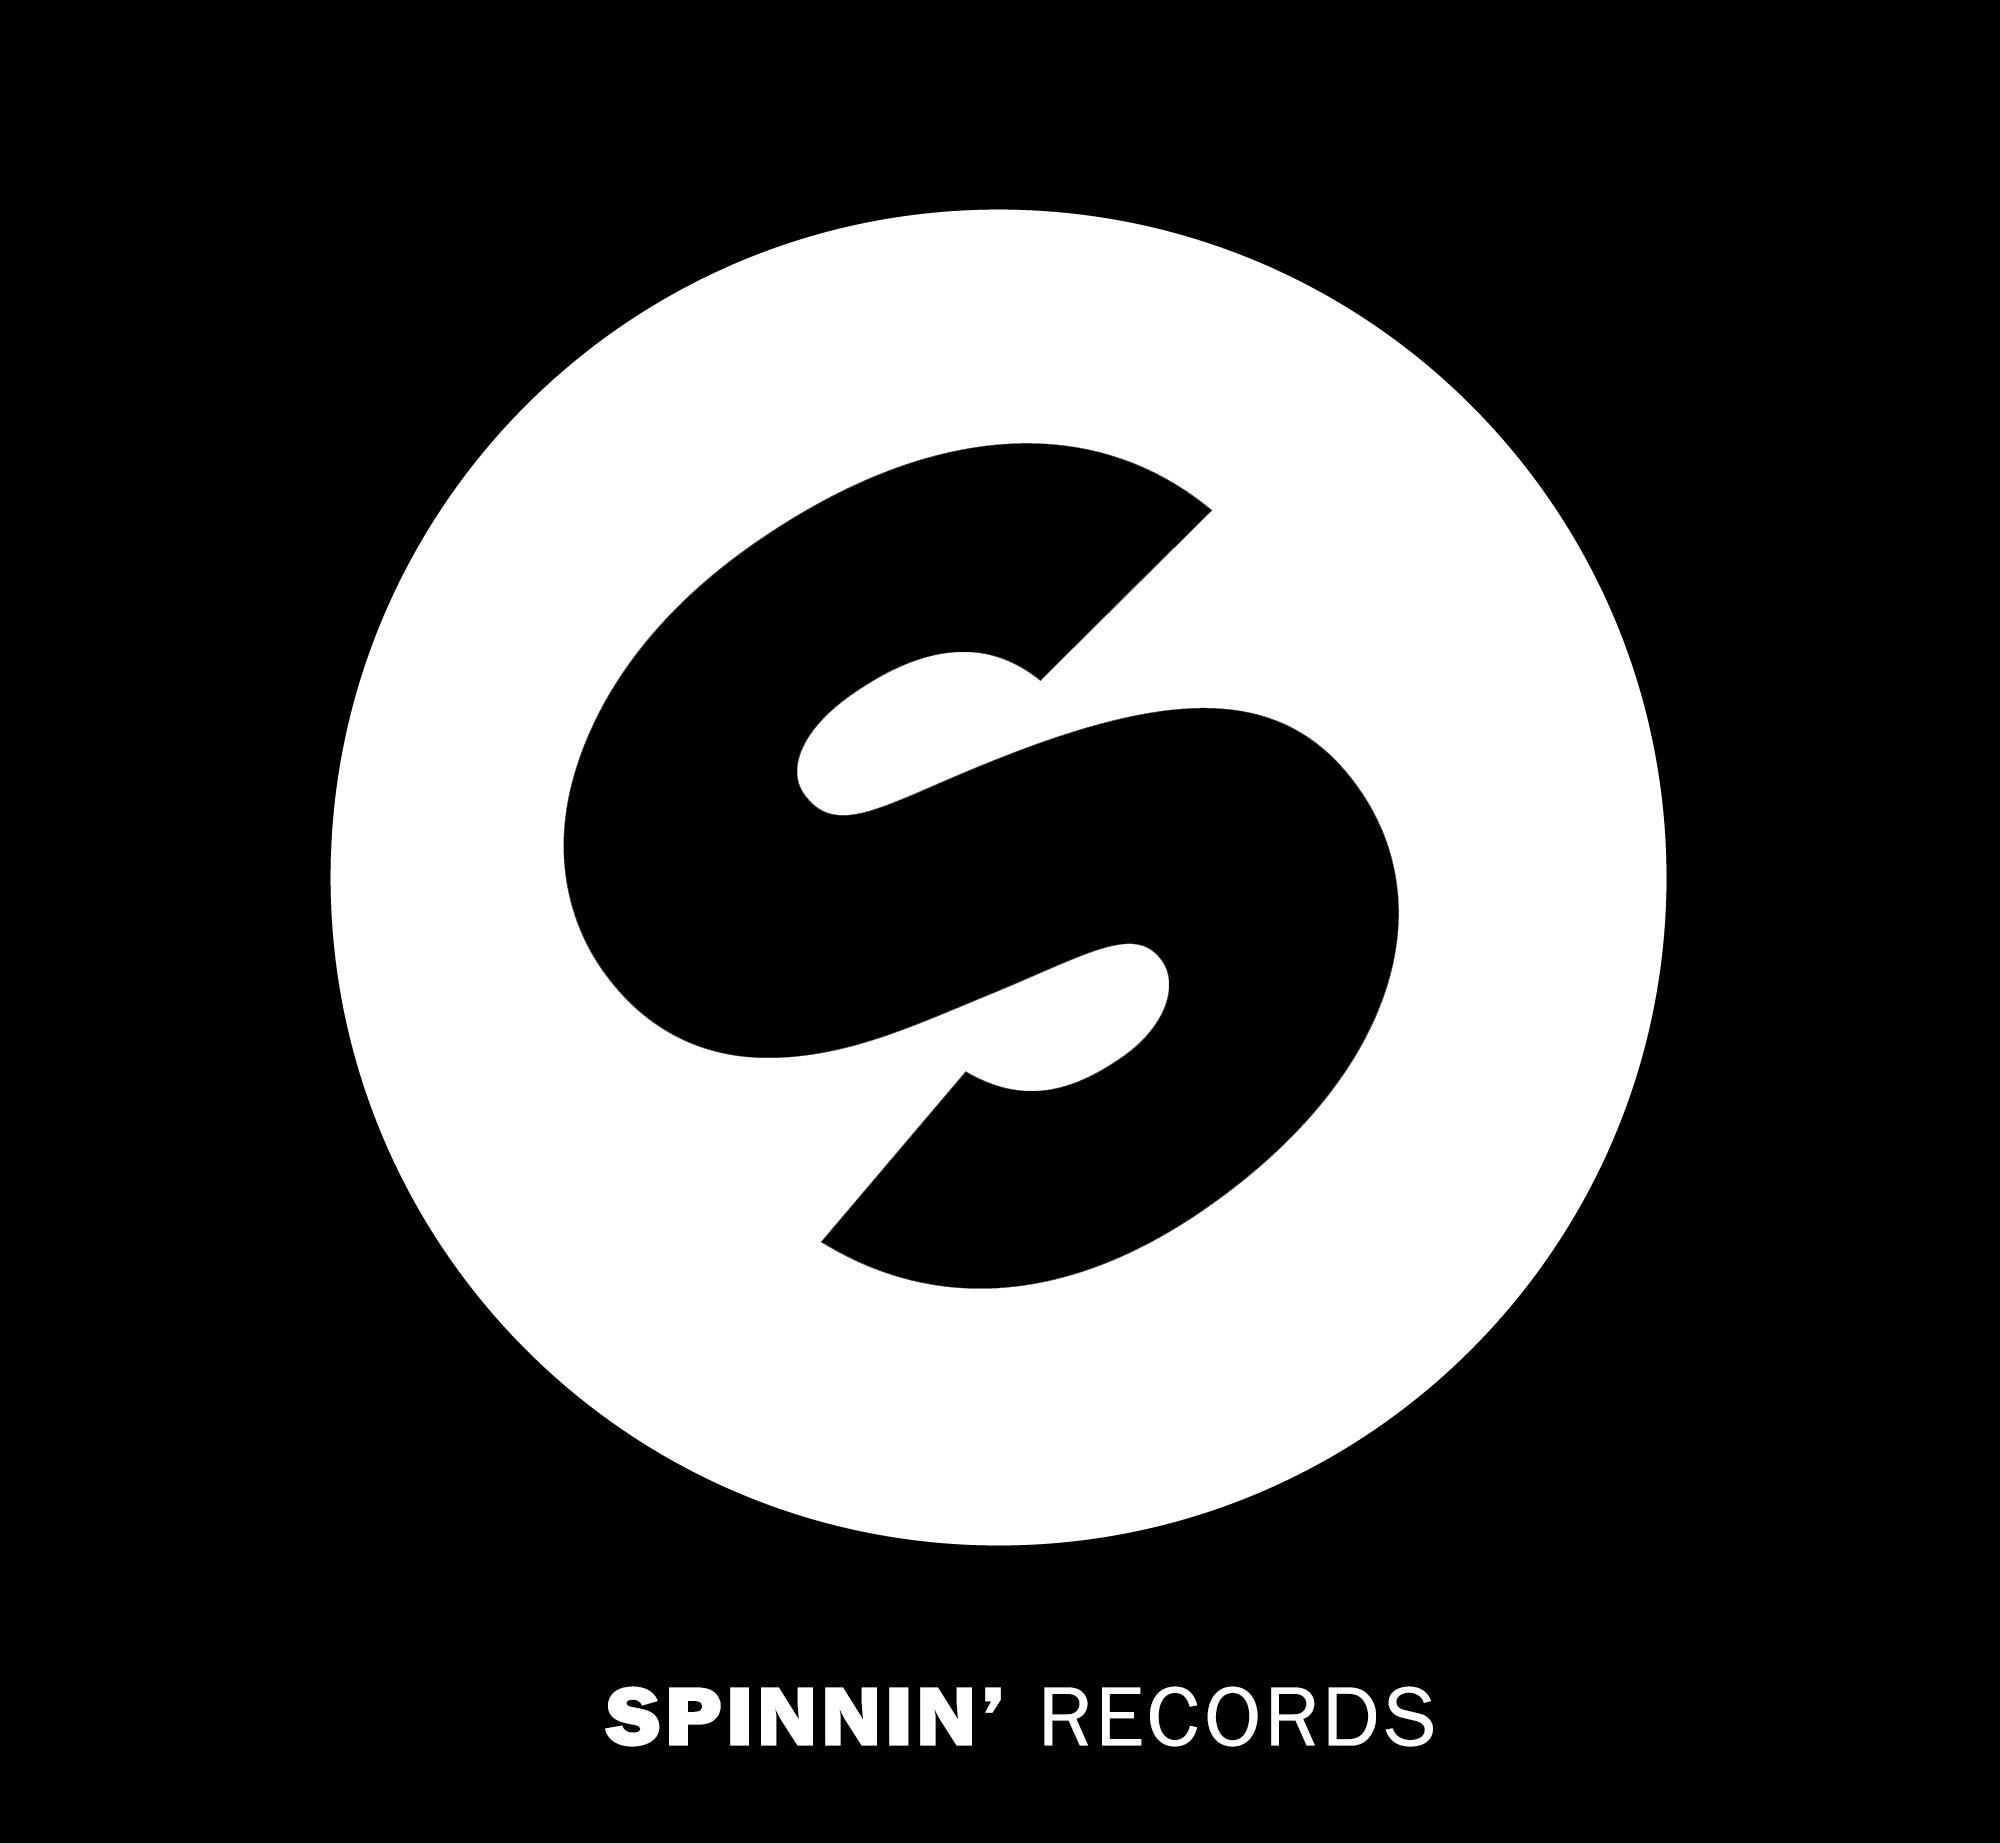 spinninRecords logo.jpg